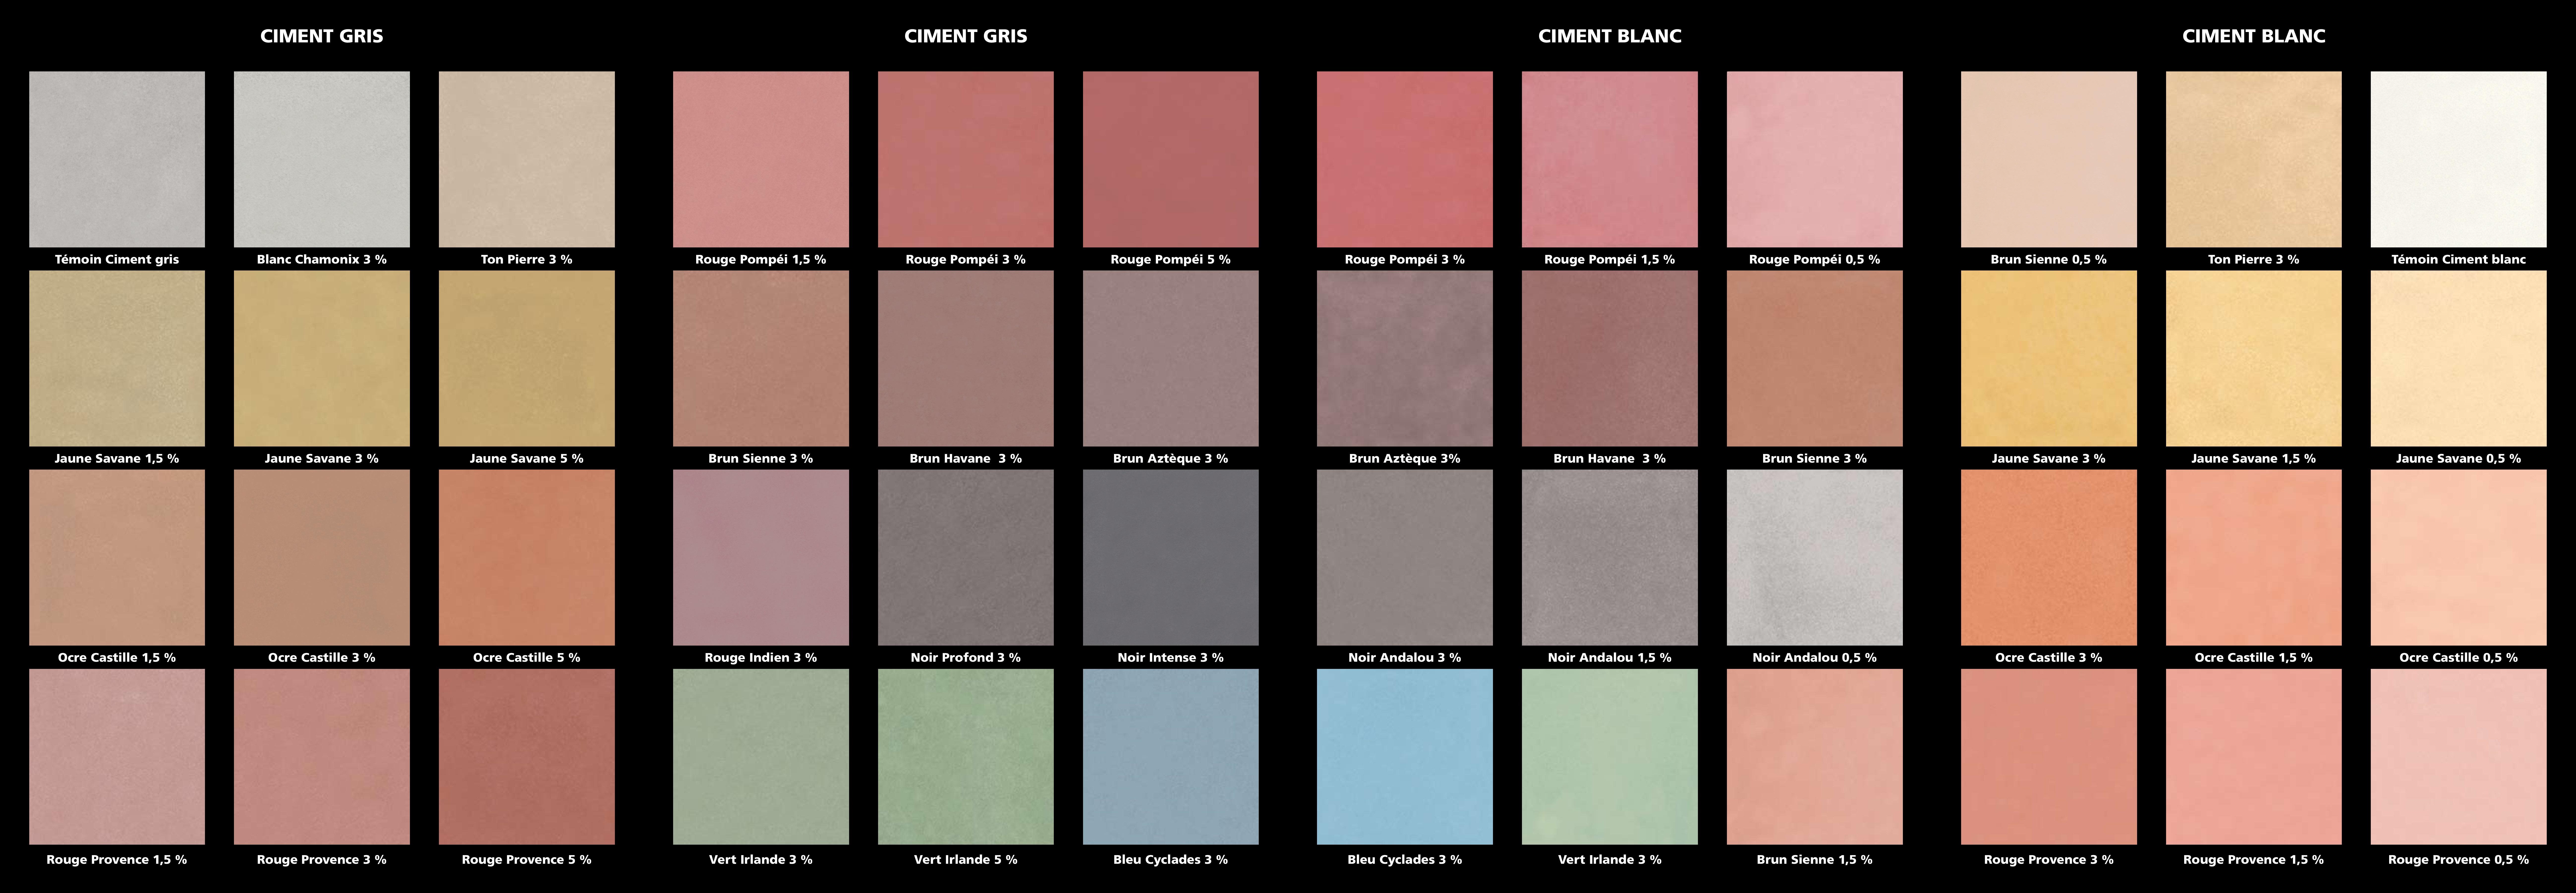 coloris disponibles pour les bordures et bétons décoratifs.